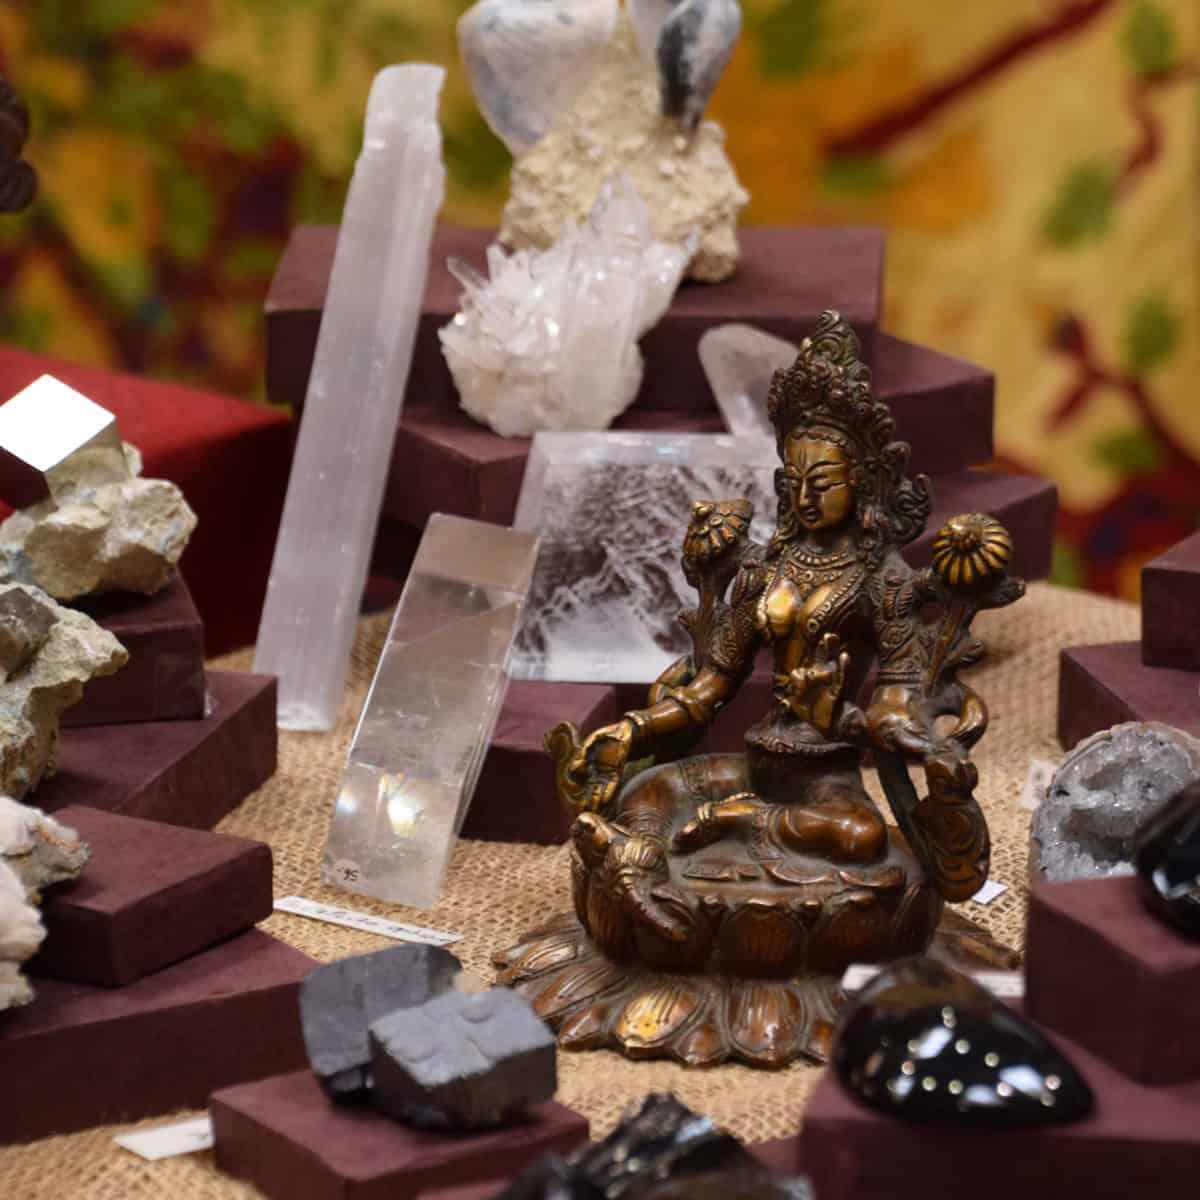 Tara verte et minéraux. Image de couverture du blog découverte de pierre